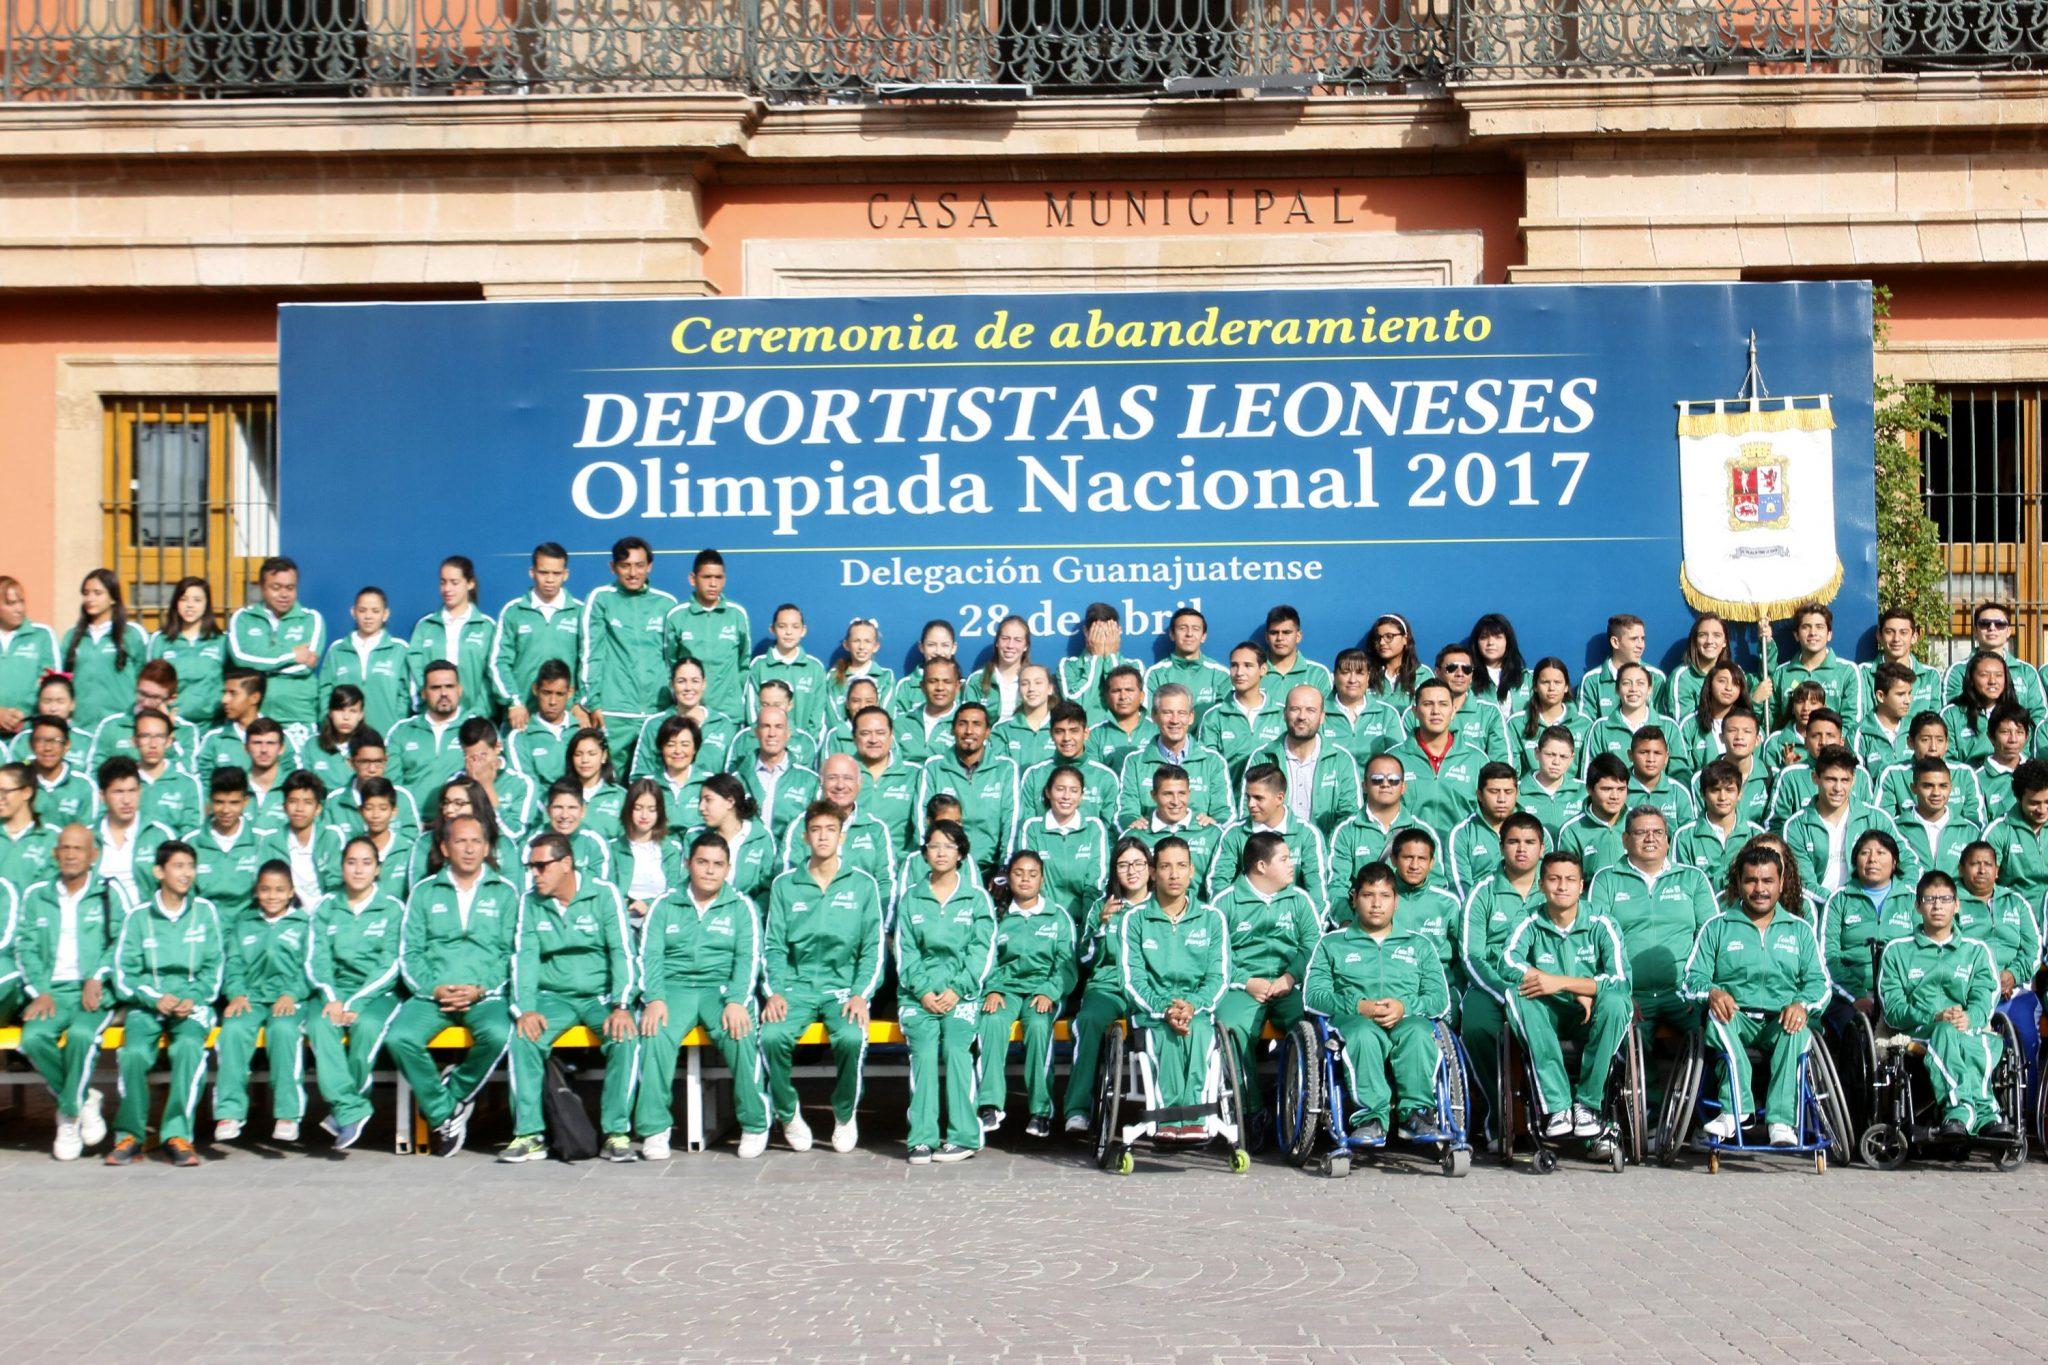 El alcalde Héctor López Santillana abanderó a los deportistas leoneses que participarán en la Olimpiada Nacional 2017